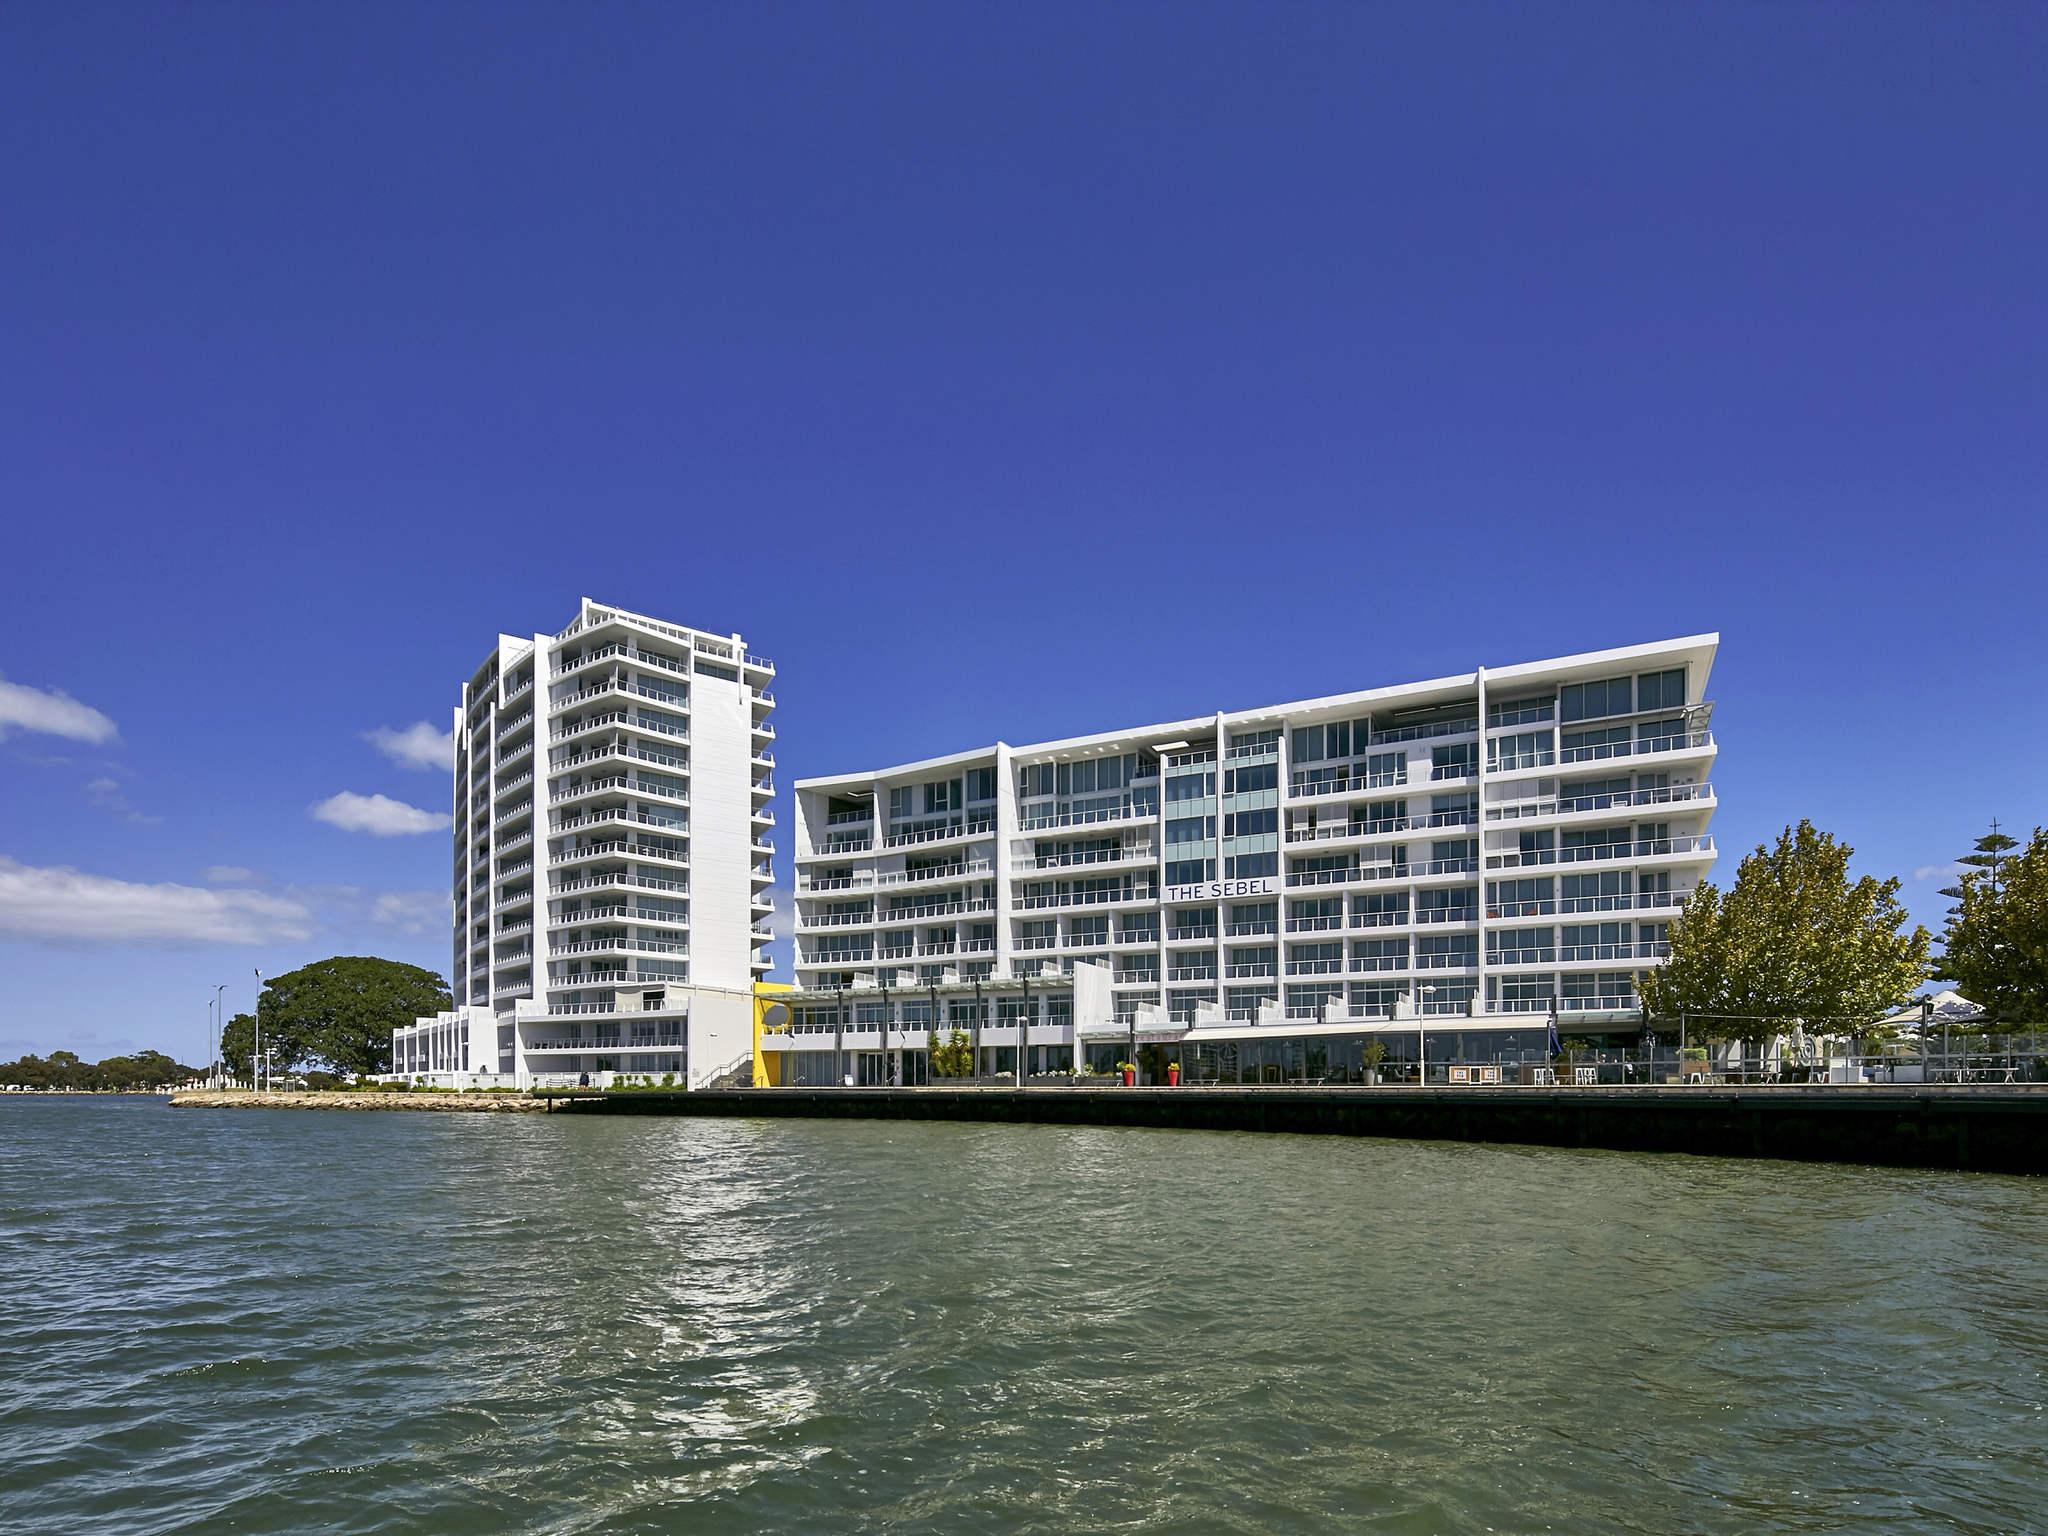 Hotel - The Sebel Mandurah